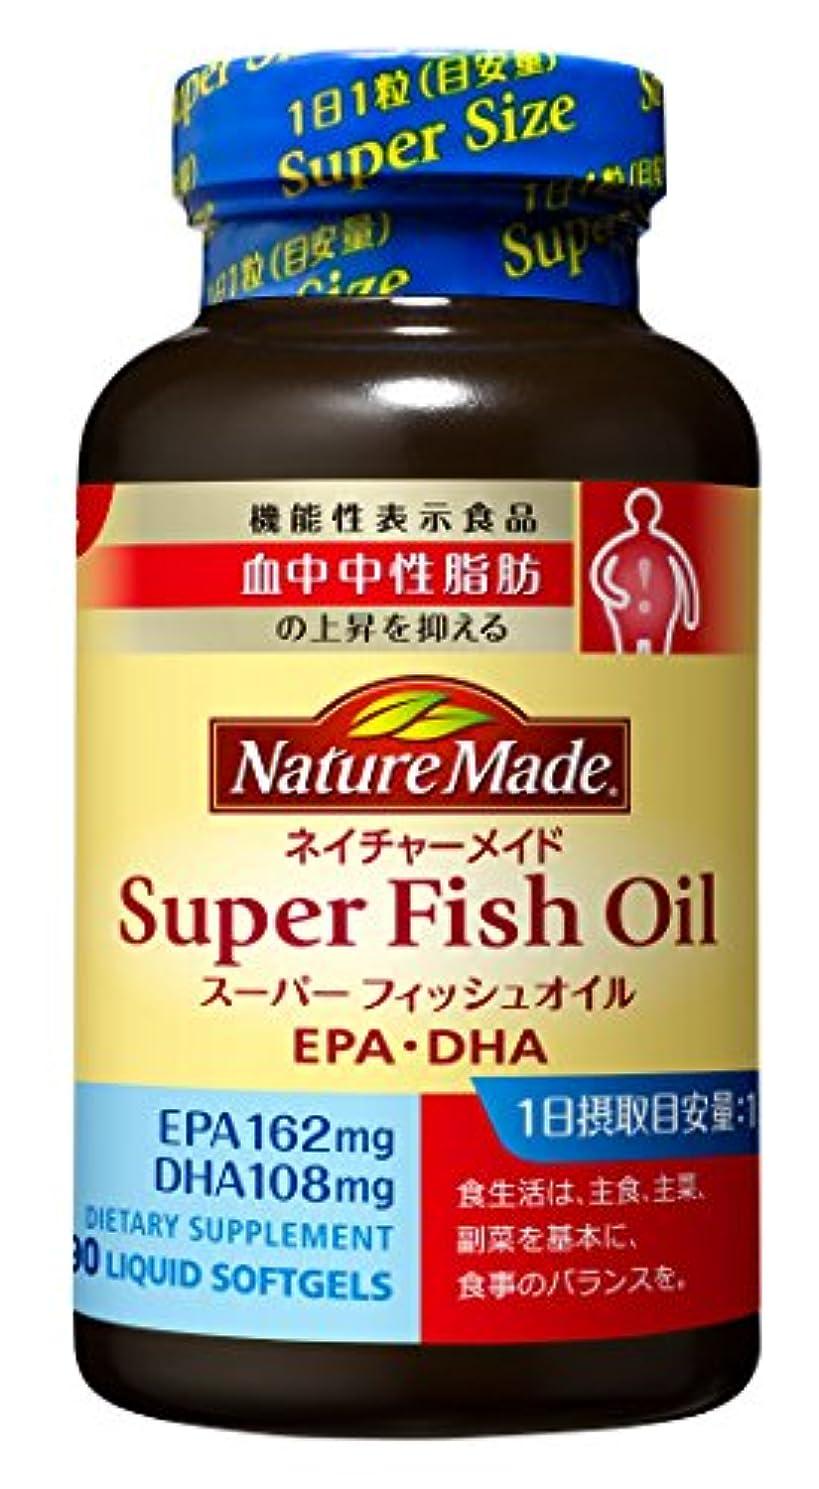 甘い契約した印象的大塚製薬 ネイチャーメイド スーパーフィッシュオイル(EPA/DHA) 90粒 [機能性表示食品]